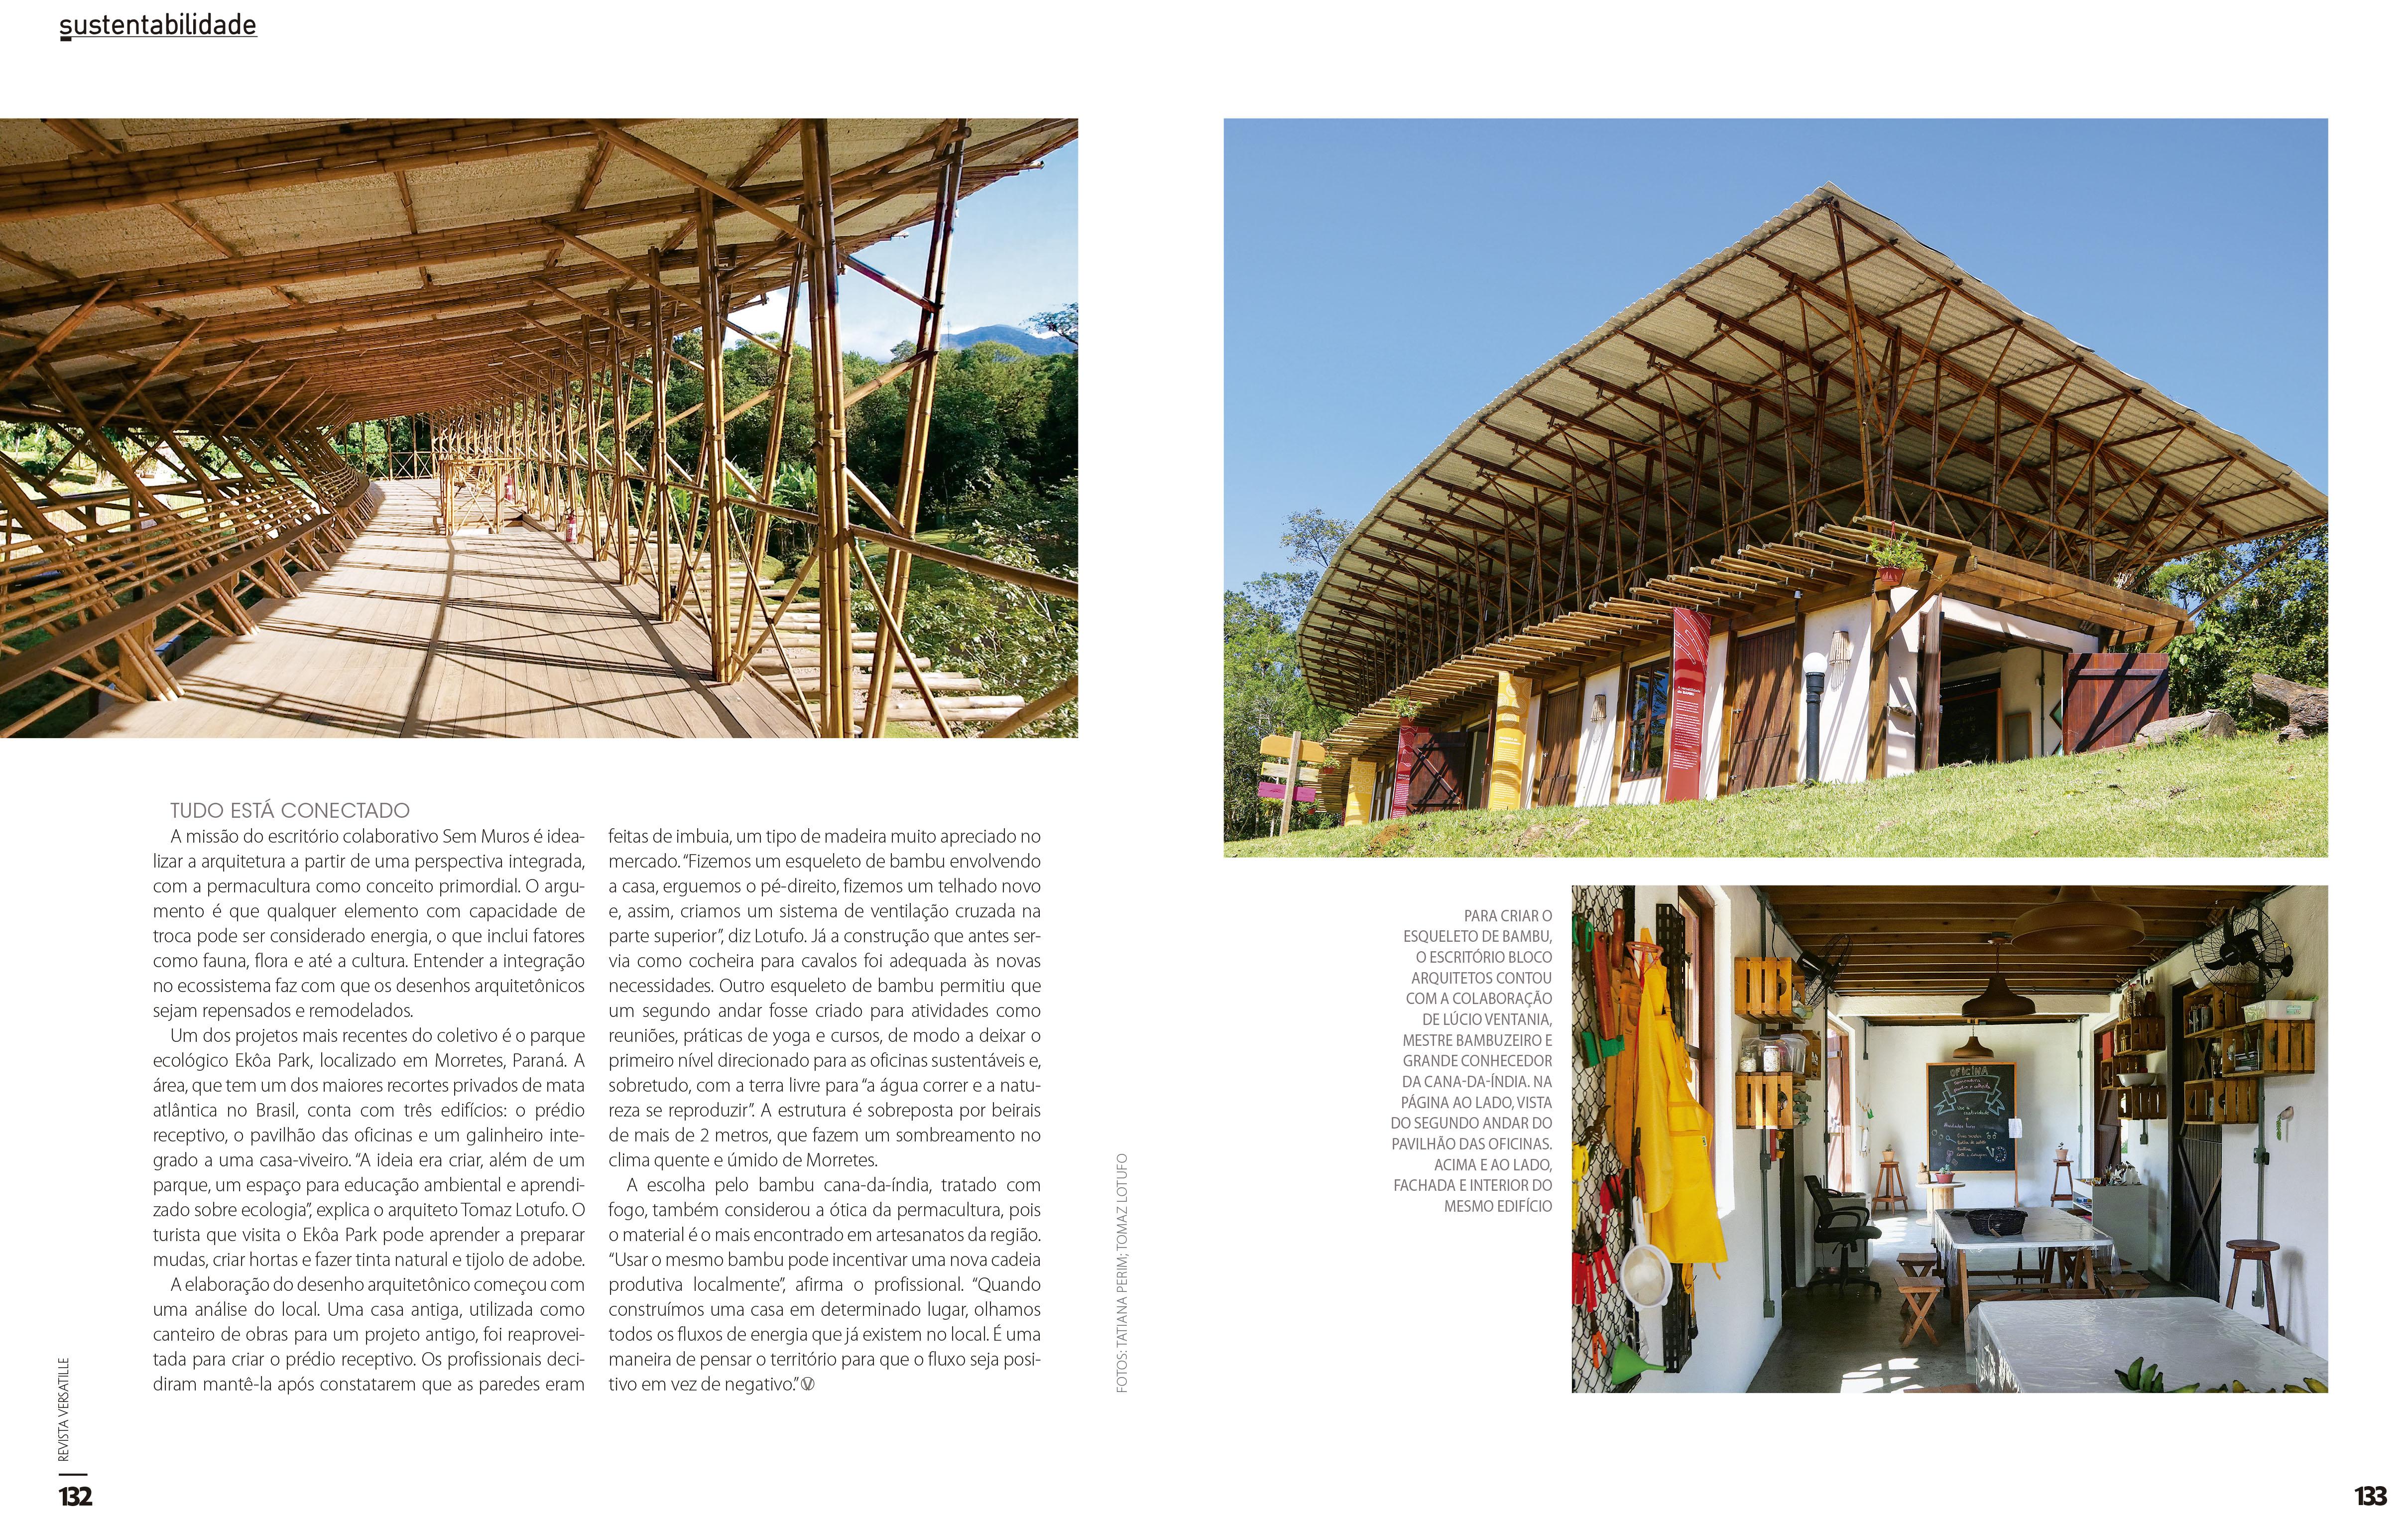 126_ED118_Arquitetura sustentavel-4